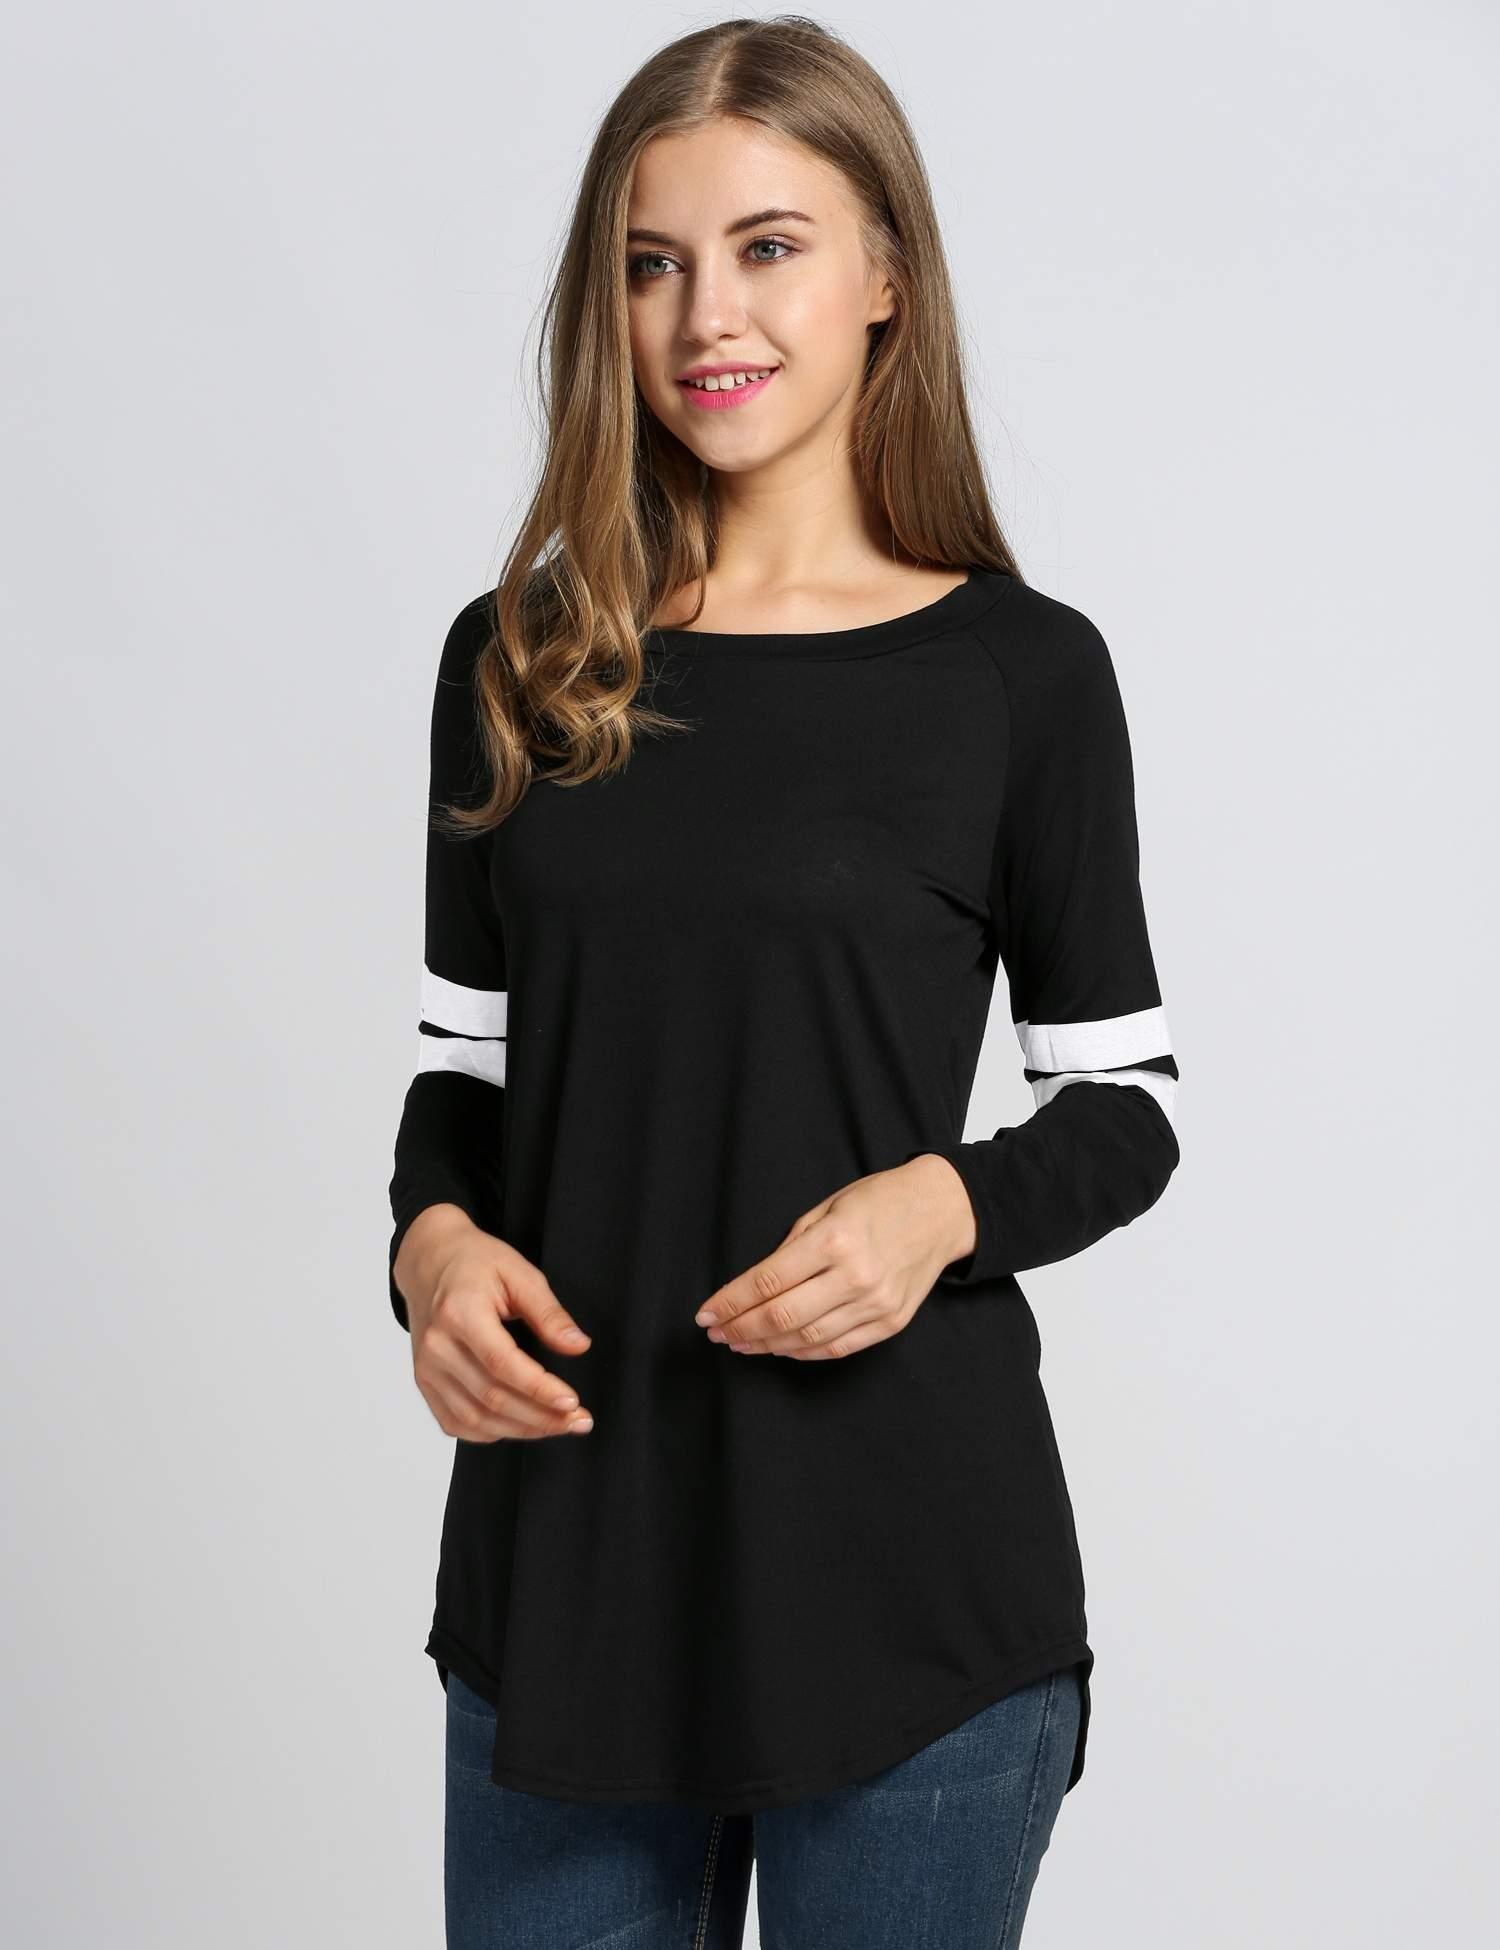 etuoji Fashion Women T-Shirt Baseball Long Blouse Casual Long Sleeve